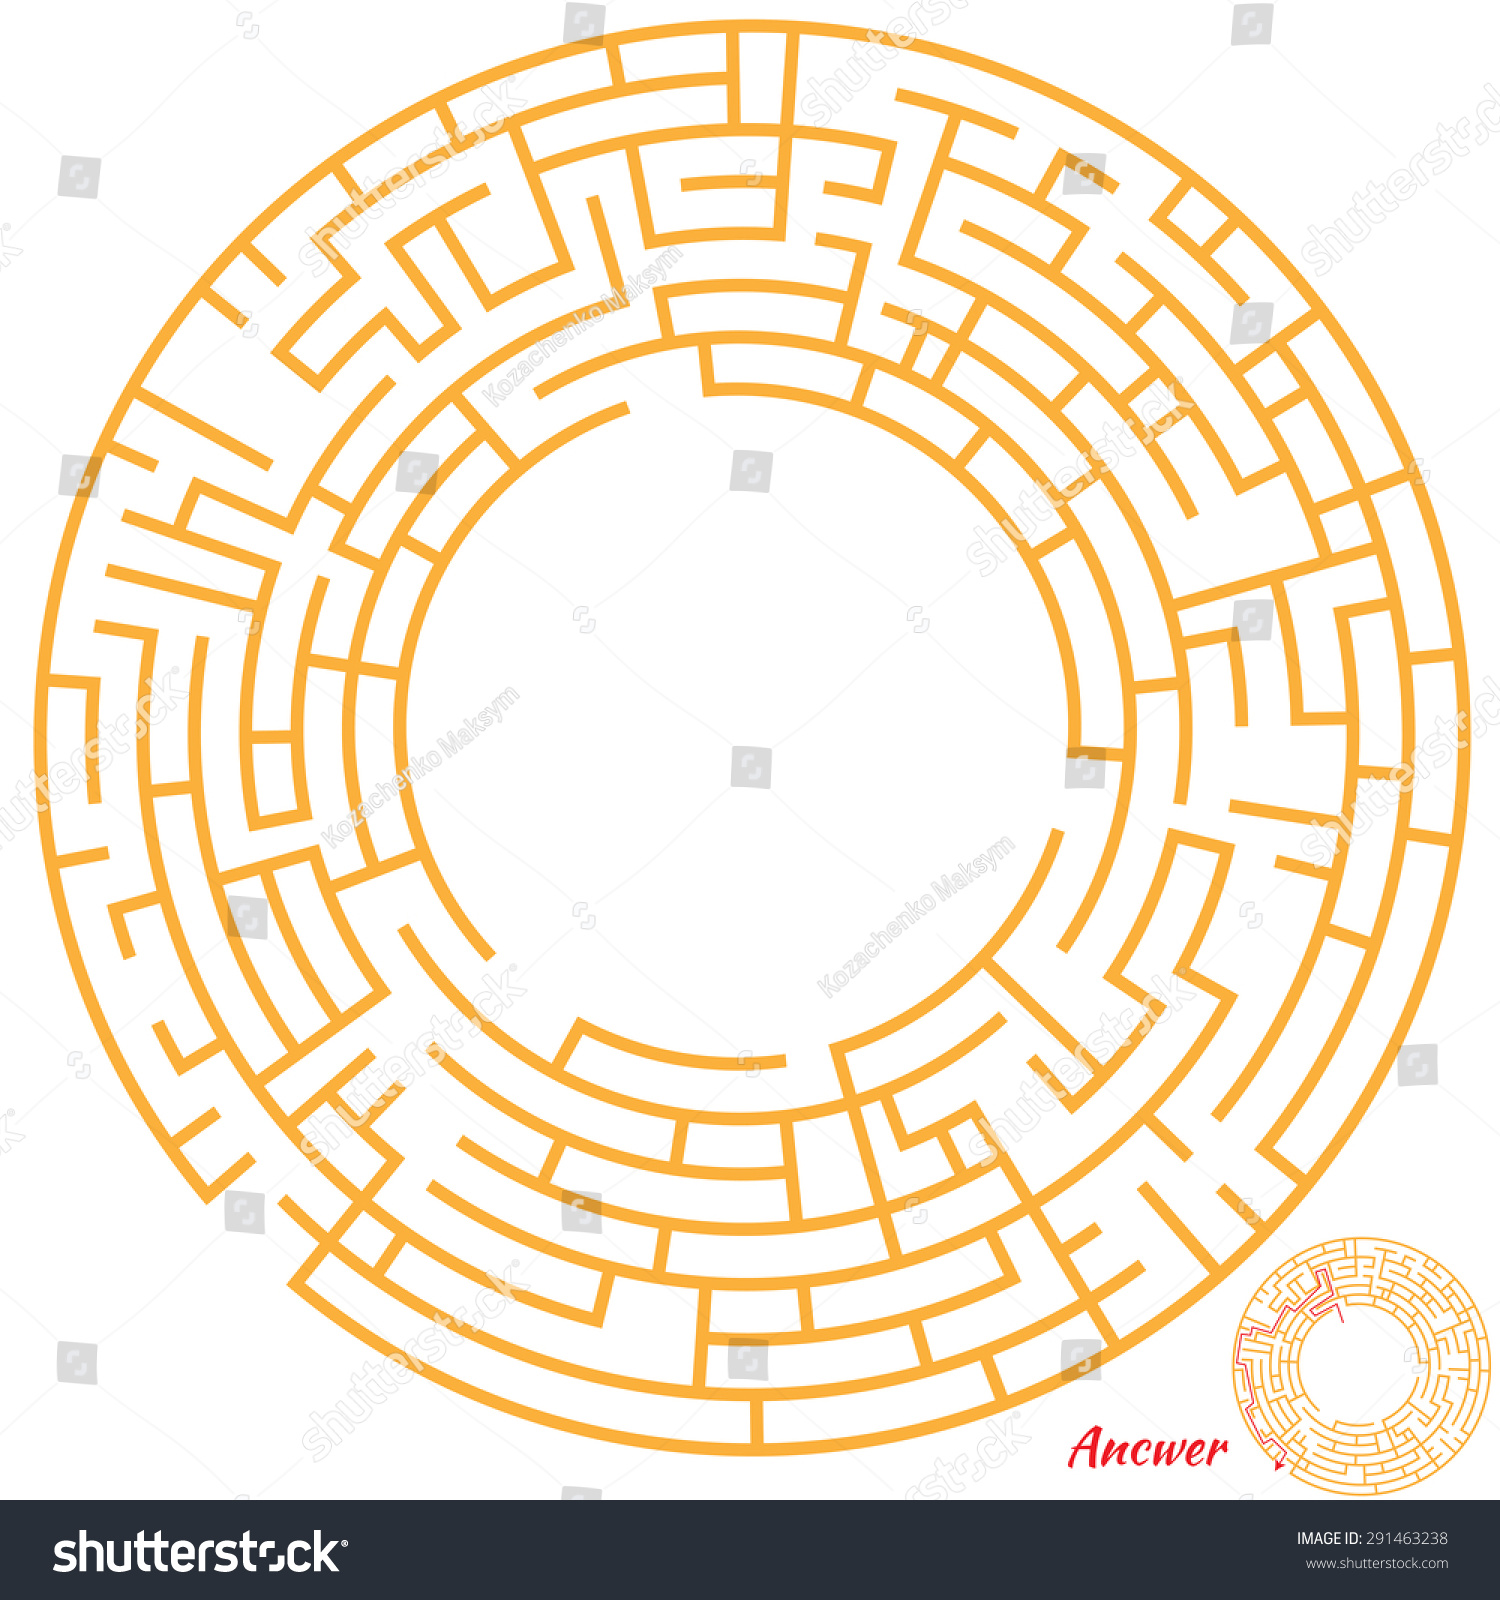 为学龄前儿童迷宫,迷宫游戏.迷宫问题与解决方案